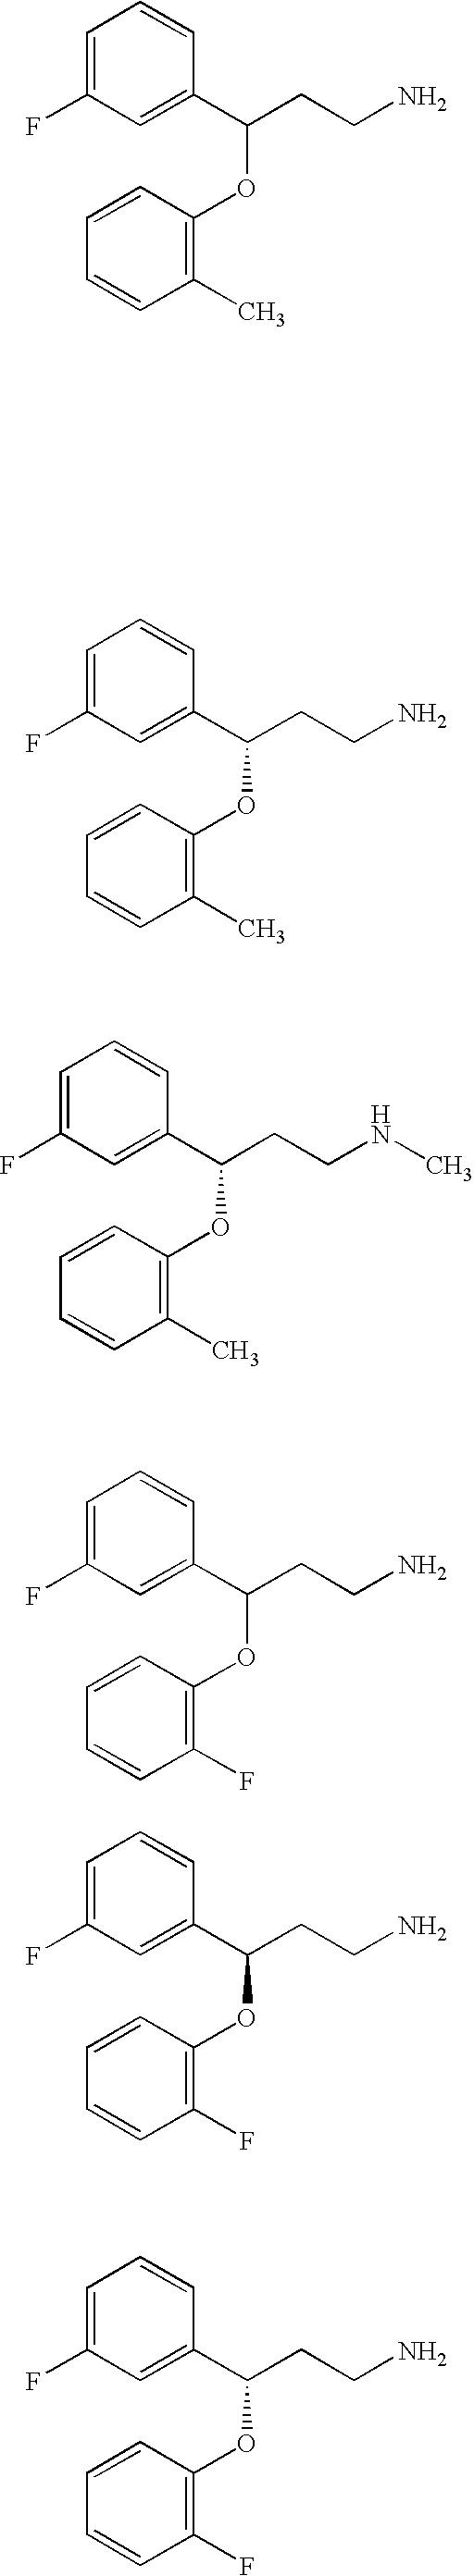 Figure US20050282859A1-20051222-C00034